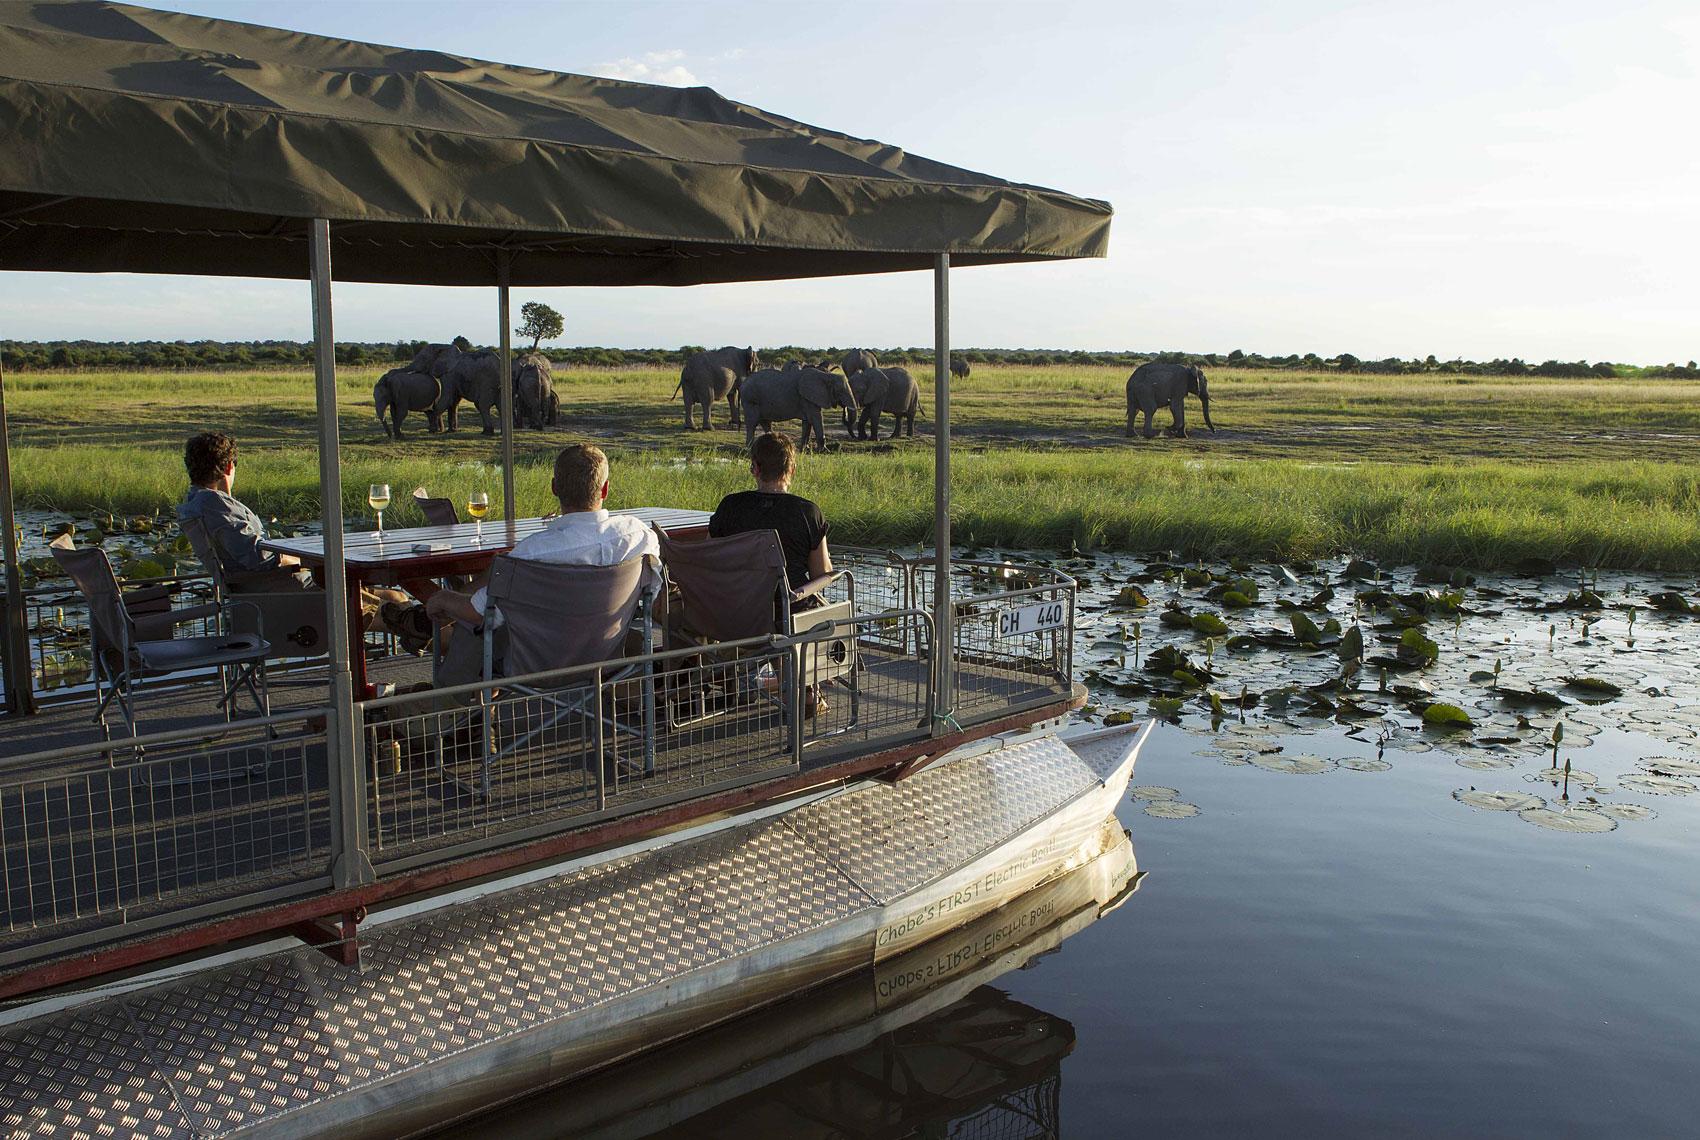 River safari on the Chobe River